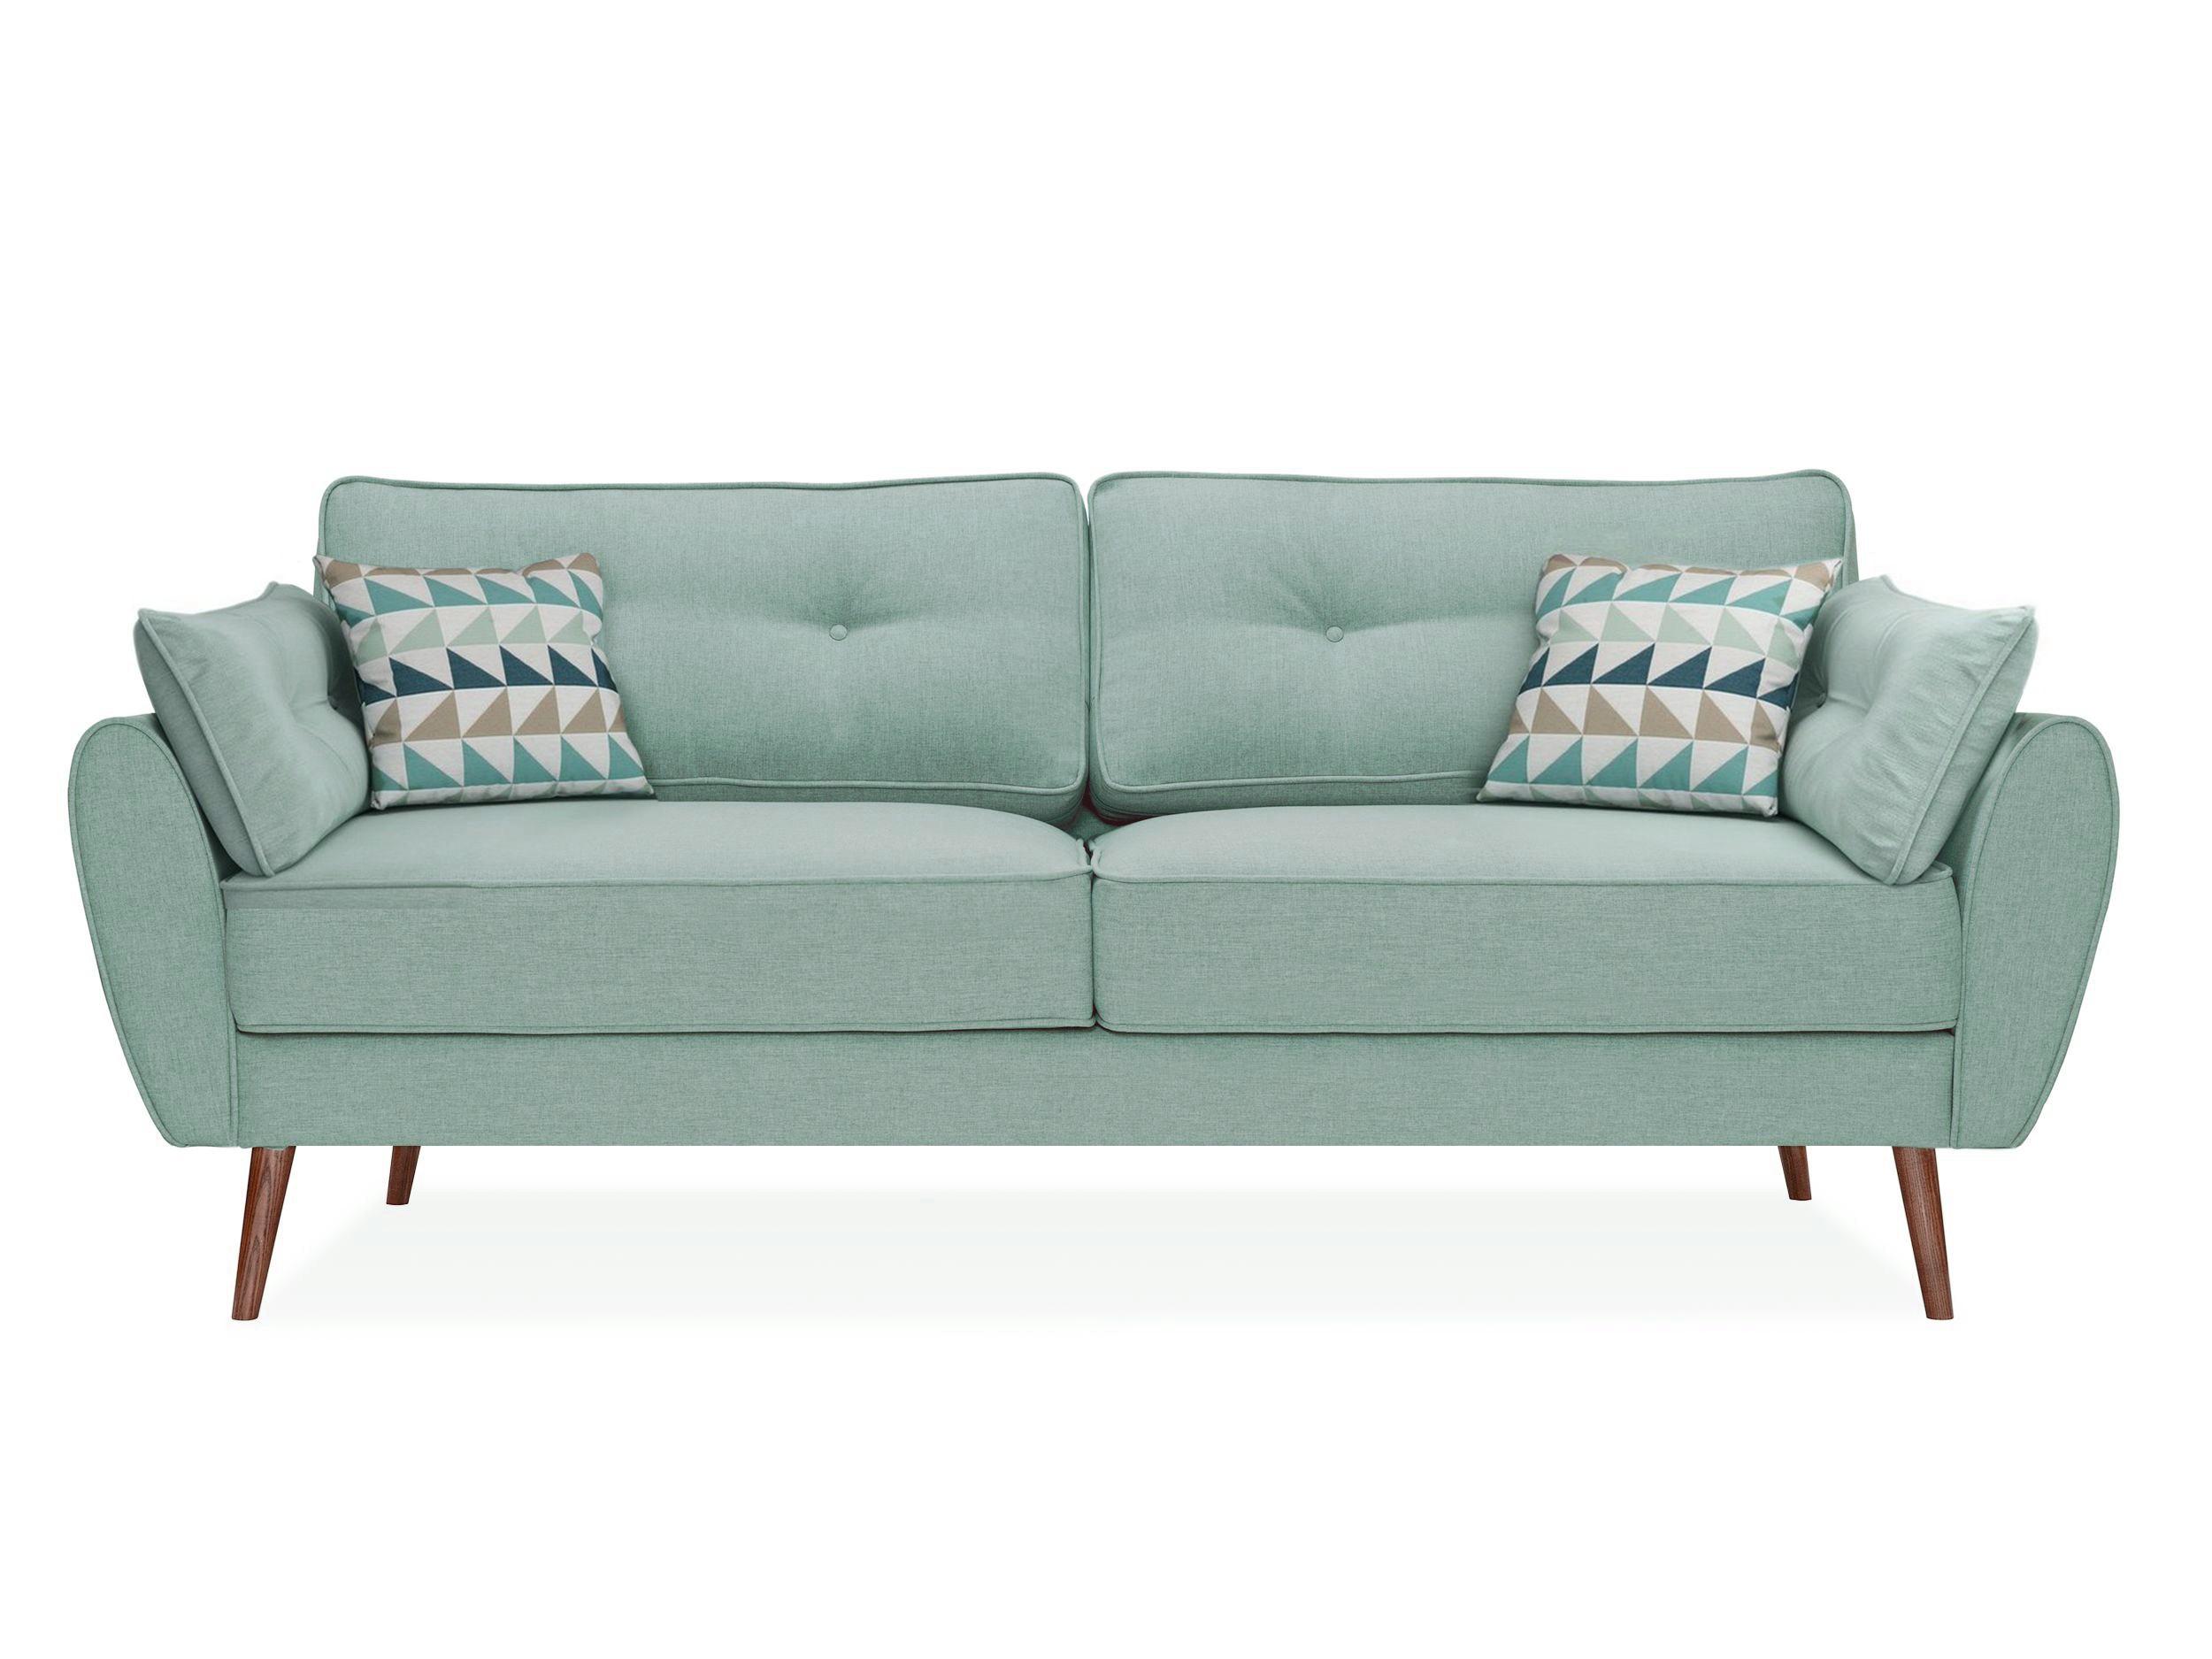 Диван VogueТрехместные диваны<br>&amp;lt;div&amp;gt;Современный диван с легким намеком на &amp;quot;ретро&amp;quot; идеально подойдет для городских квартир. У него скругленные подлокотники, упругие подушки и как раз та длина, чтобы вы могли вытянуться в полный рост. &amp;amp;nbsp;Но благодаря высоким ножкам &amp;quot;Vogue&amp;quot; выглядит лаконично и элегантно. Специально для этой серии наши стилисты подобрали 10 модных оттенков практичной рогожки.&amp;amp;nbsp;&amp;lt;/div&amp;gt;&amp;lt;div&amp;gt;&amp;lt;br&amp;gt;&amp;lt;/div&amp;gt;Корпус: фанера, брус. Ножки: дерево.&amp;lt;div&amp;gt;Ткань: рогожка, устойчивая к повреждениям&amp;lt;br&amp;gt;&amp;lt;div&amp;gt;Цвет: Vector Brava 27/1&amp;lt;/div&amp;gt;&amp;lt;/div&amp;gt;<br><br>Material: Текстиль<br>Ширина см: 226<br>Высота см: 88<br>Глубина см: 91